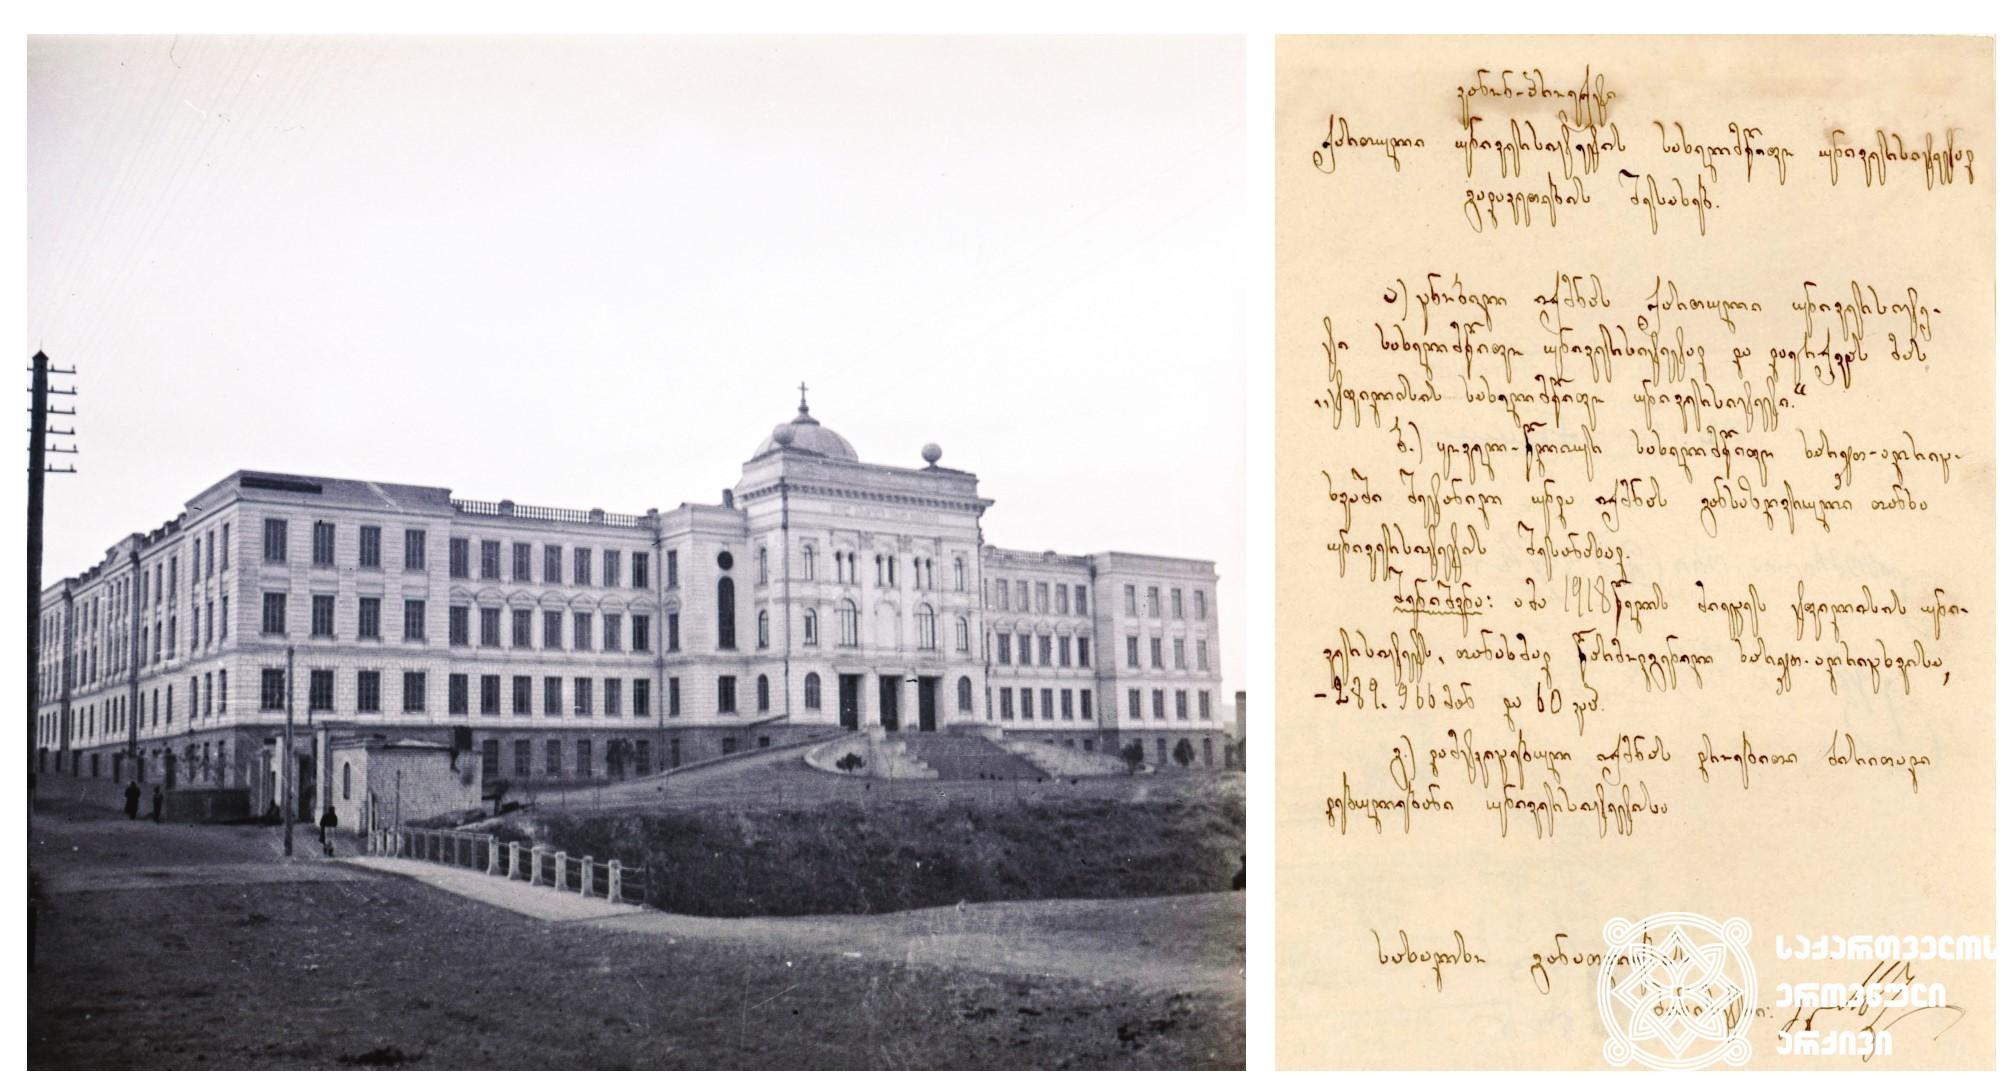 ქართული უნივერსიტეტი (მოგვიანებით თბილისის სახელმწიფო უნივერსიტეტი) 1918 წელი. <br> Georgian University (later Tbilisi State University). <br> 1918. <br> კანონპროექტი ქართული უნივერსიტეტის სახელმწიფო უნივერსიტეტად გადაკეთების შესახებ. <br> 1918 წელი. <br> Draft law on changing Georgian University into State University. <br> 1918.